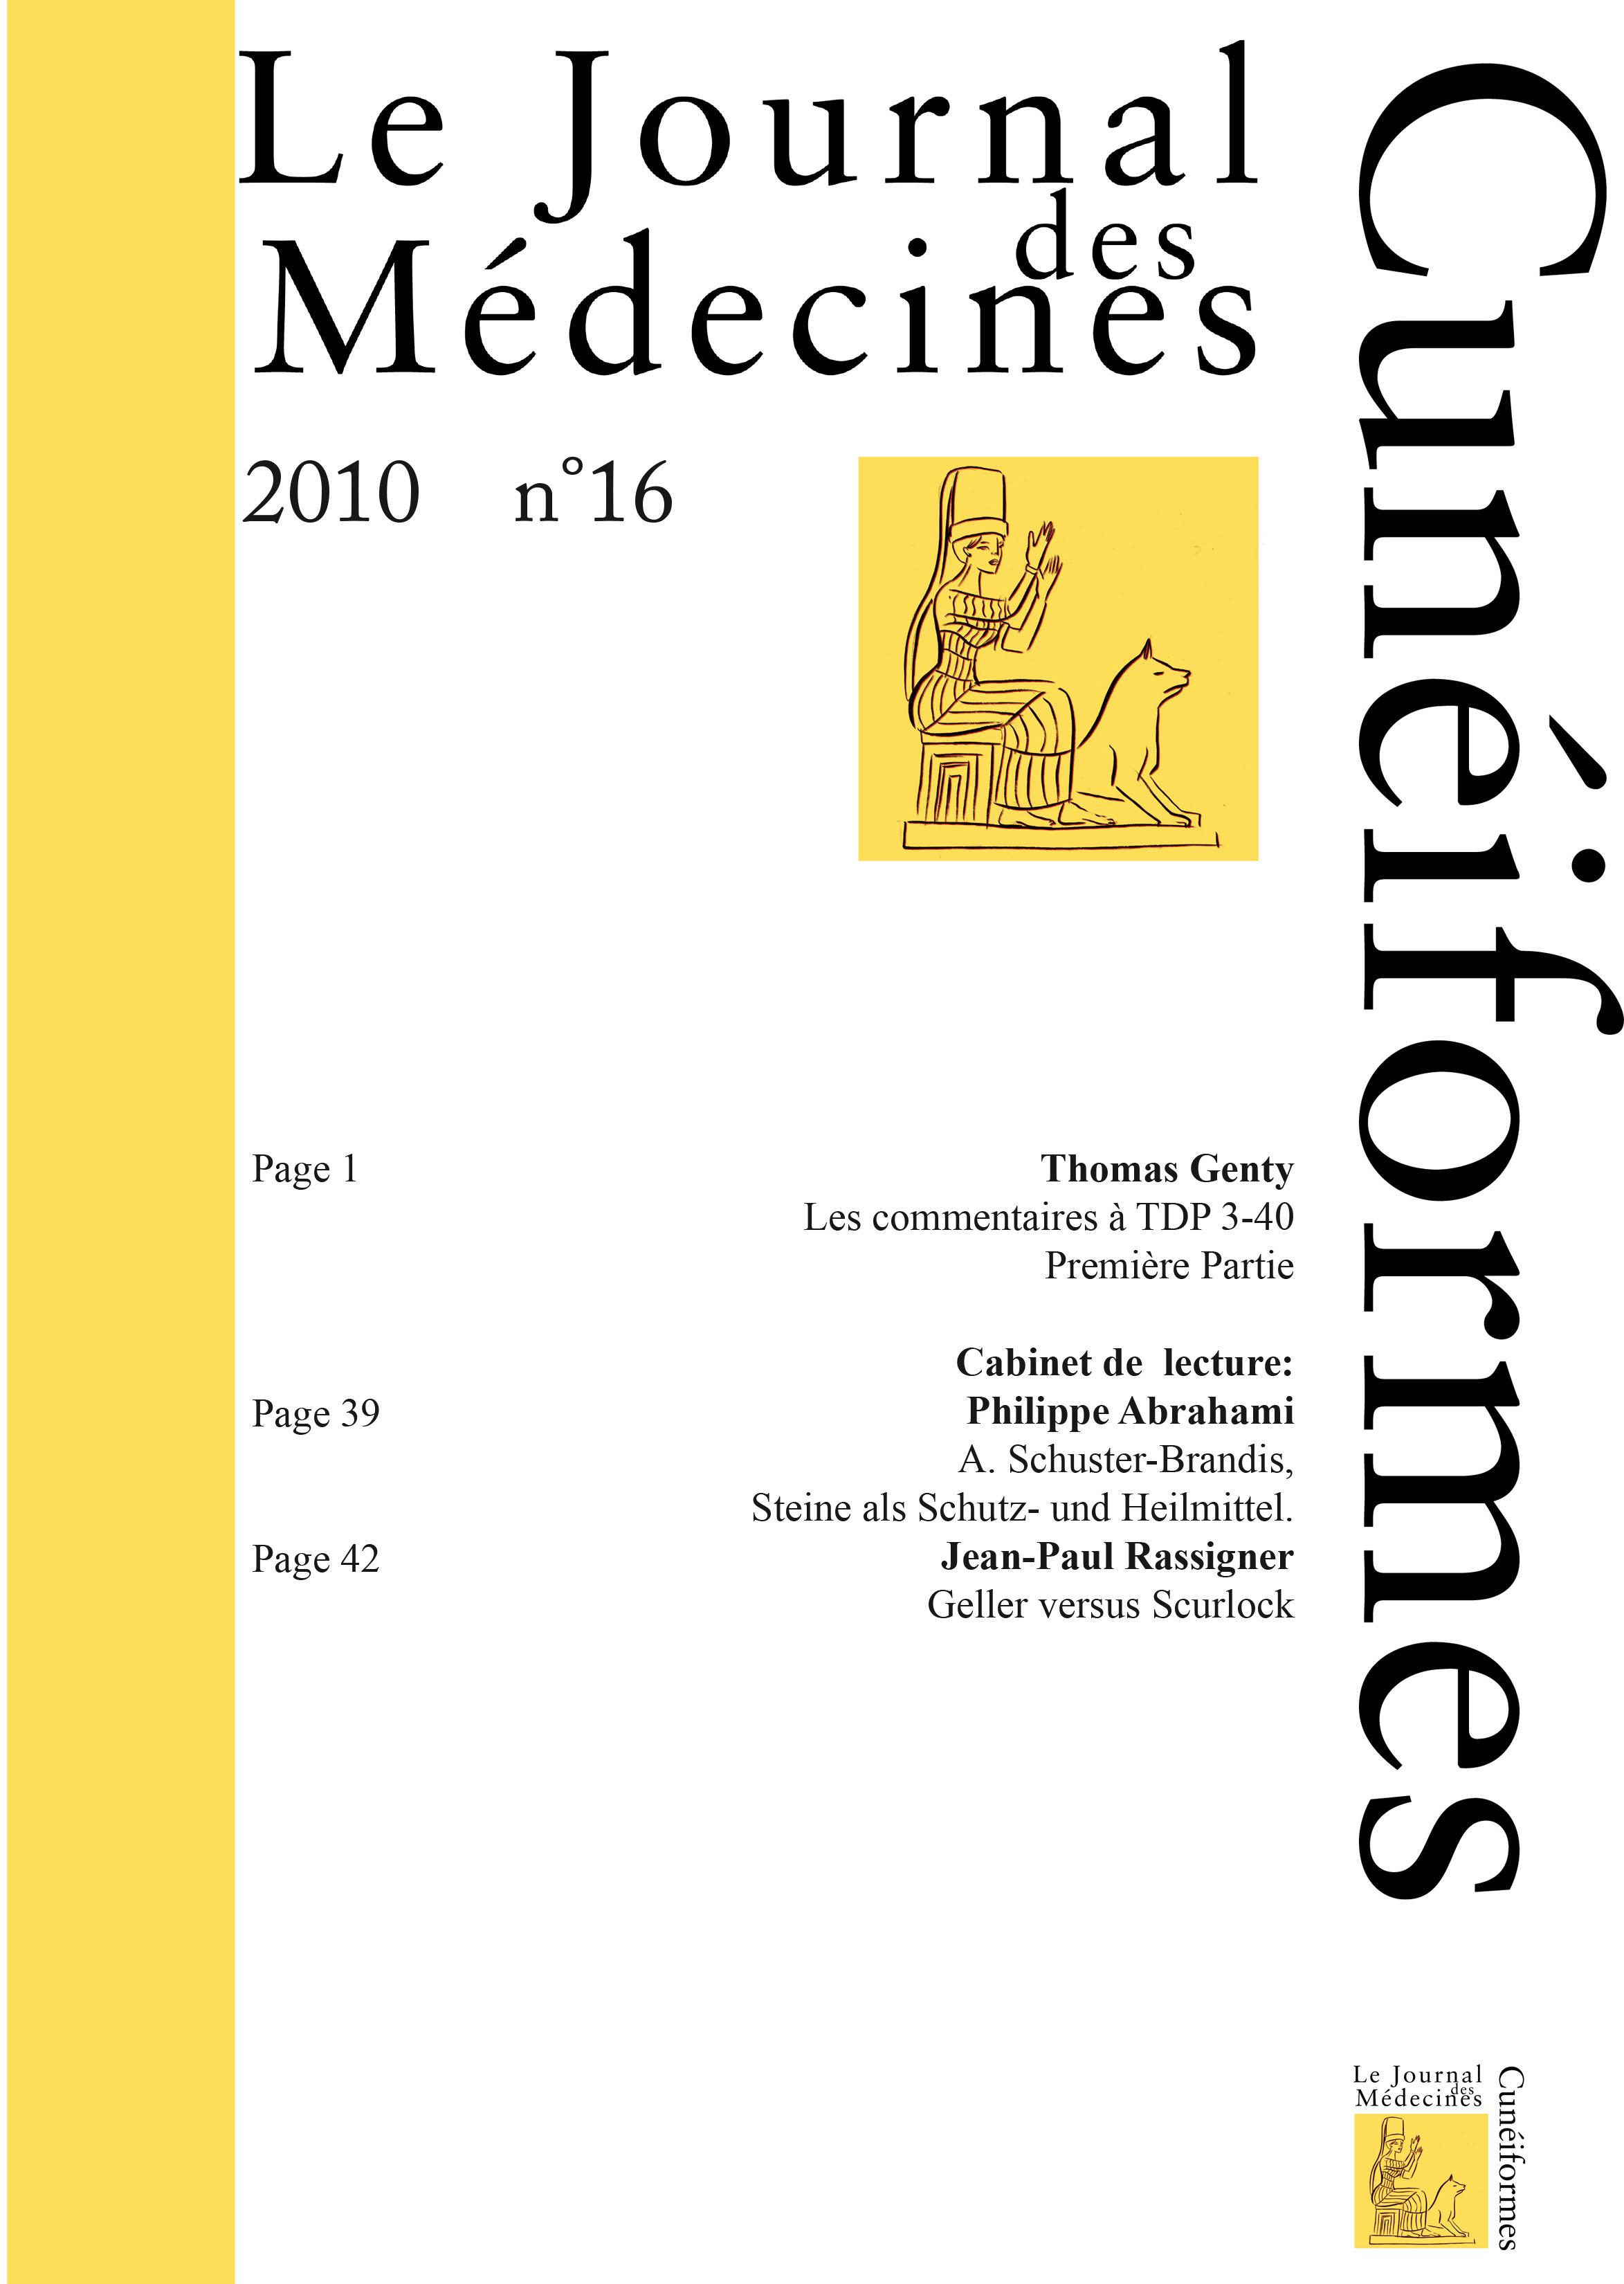 JMC 16 2010 couv